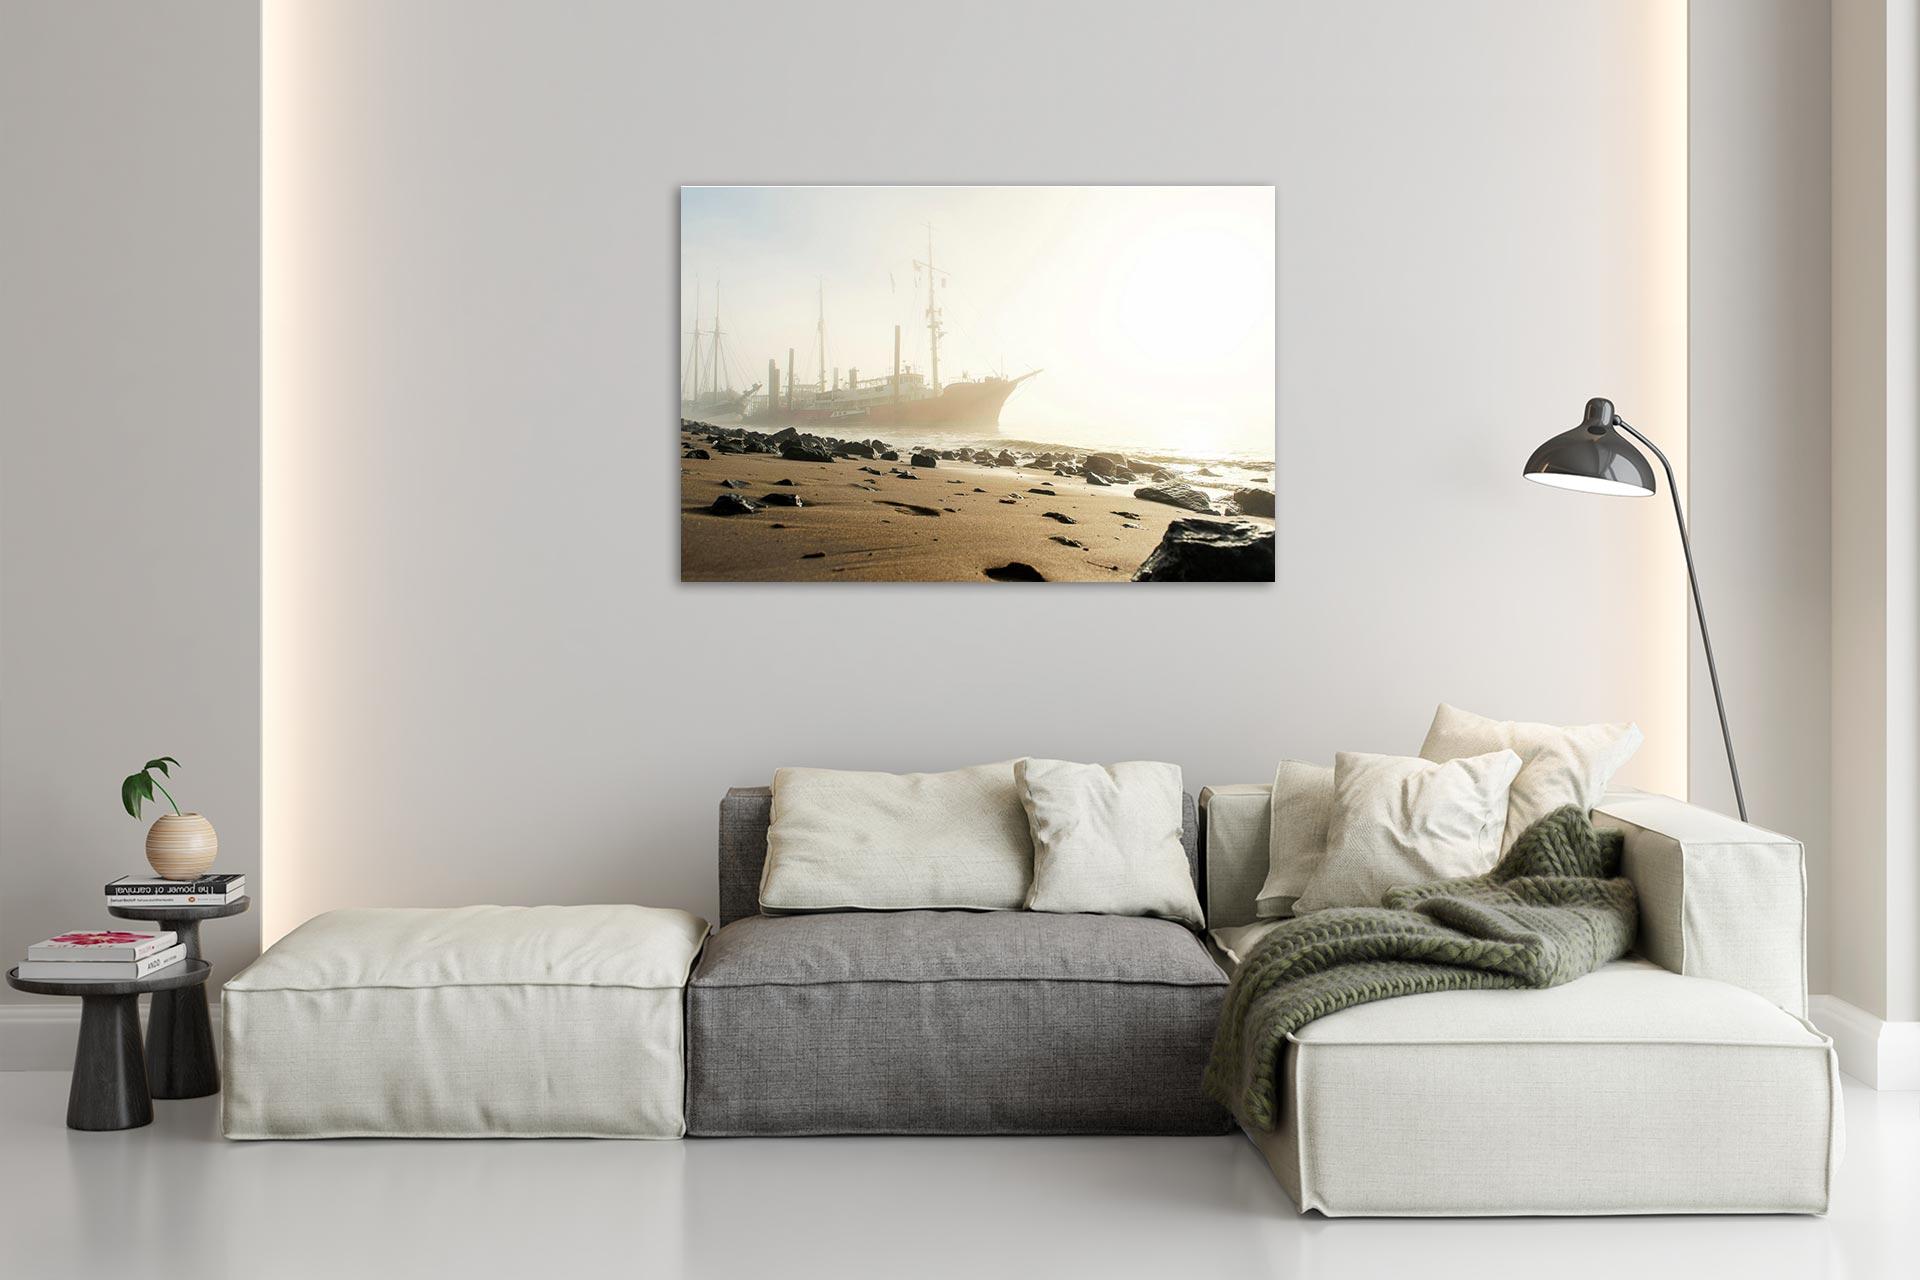 LCW215-geisterschiff-hamburg-wandbild-bild-auf-leinwand-acrylglas-aludibond-wohnzimmer